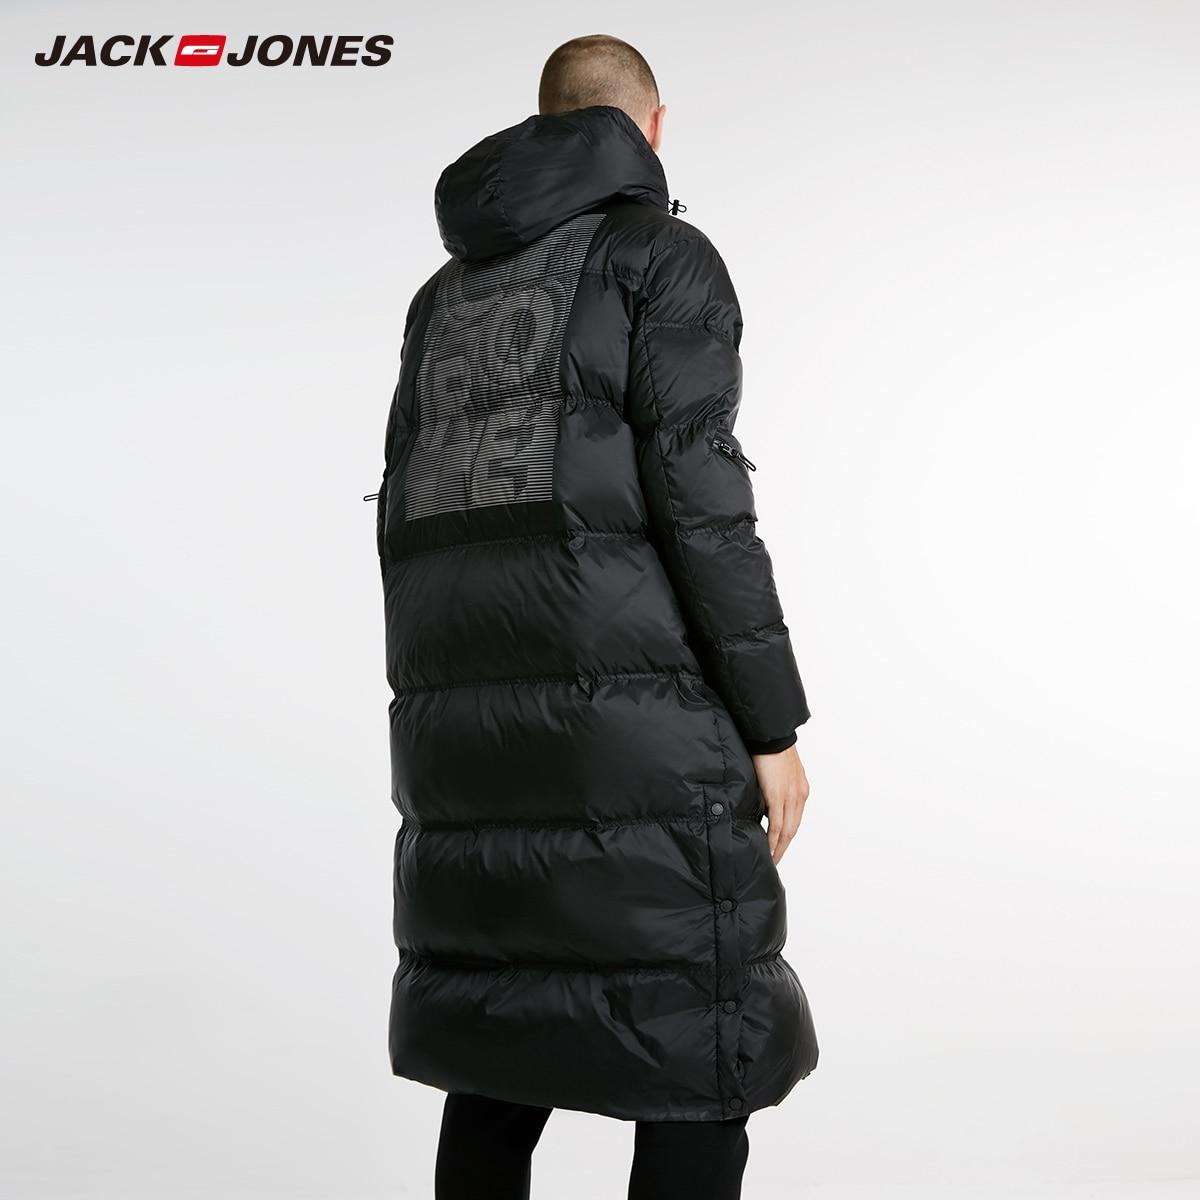 JackJones hommes hiver Long à capuche canard extérieur survêtement hiver homme décontracté mode doudoune manteau homme | 218312520 - 4